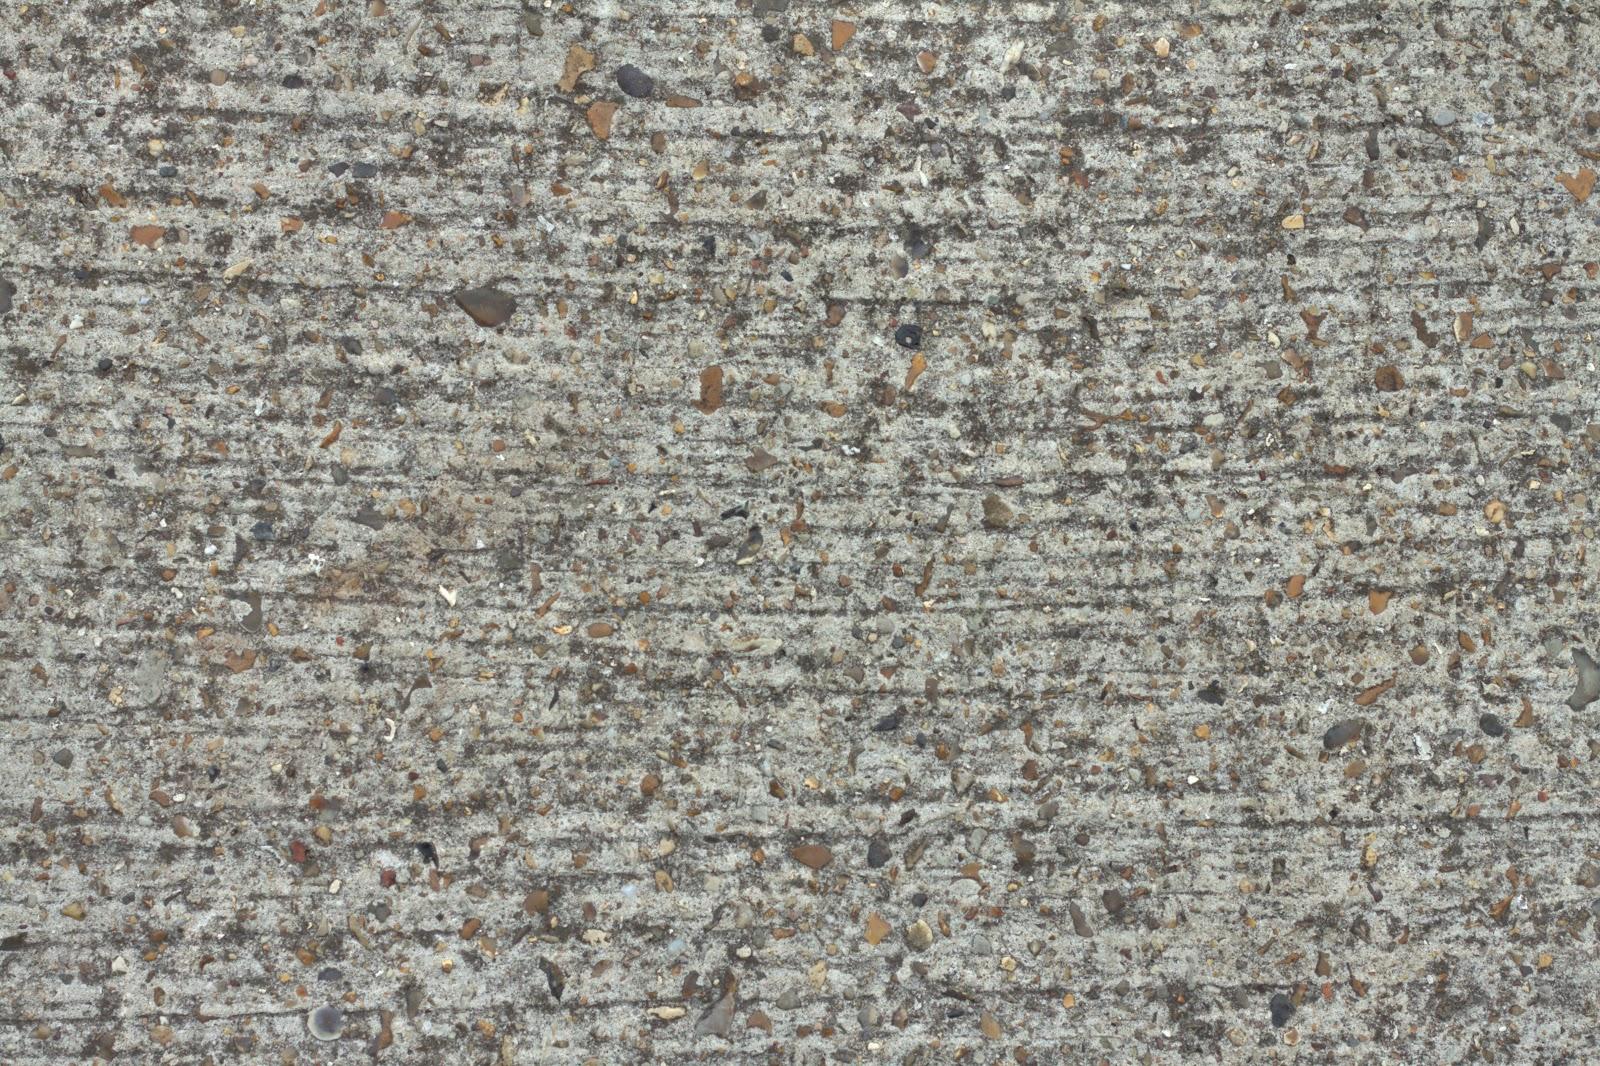 (Concrete 21) White granite concrete stone texture 4770x3178